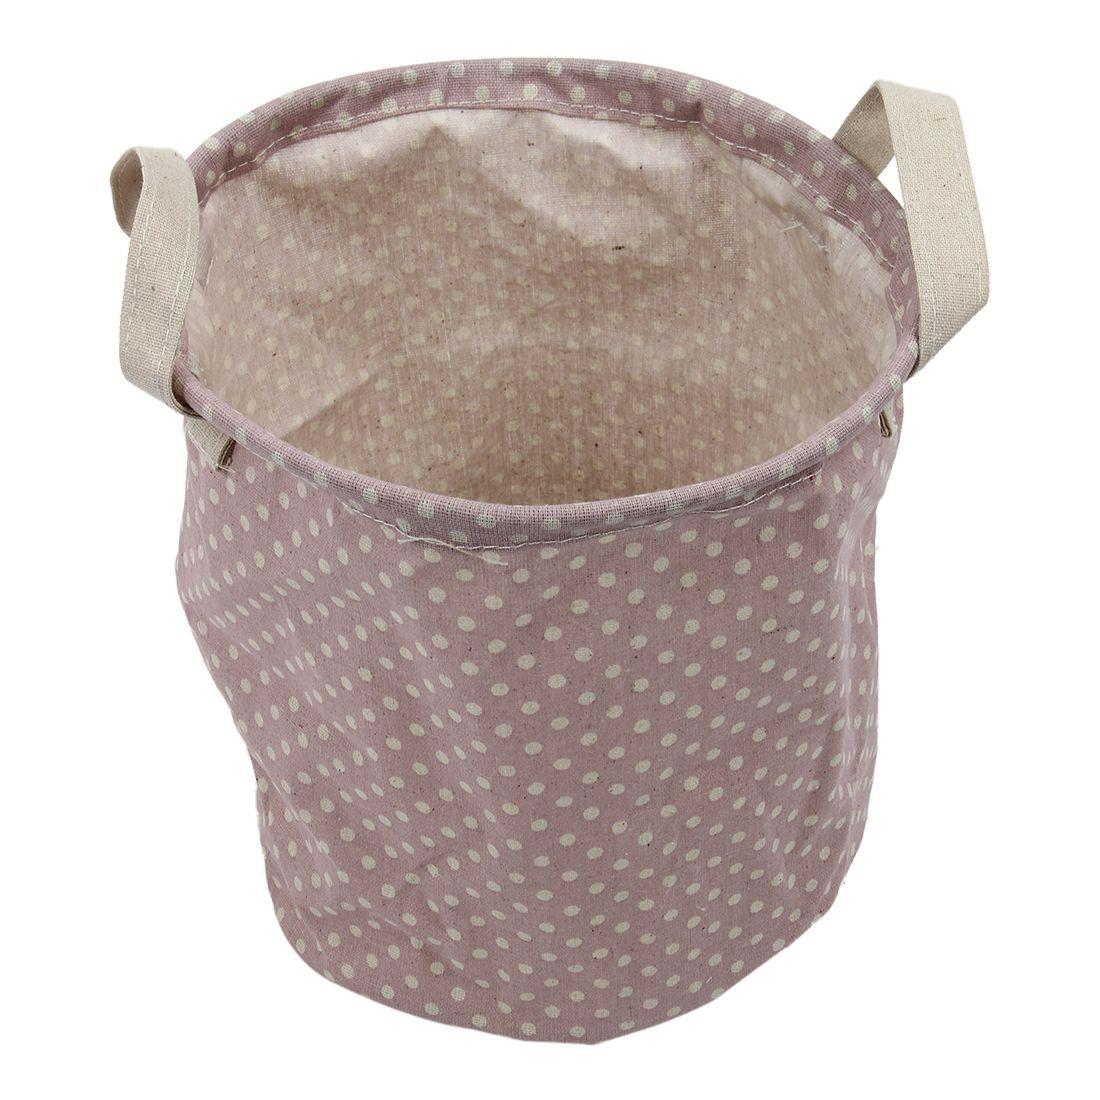 Bolsa clasificadora de ropa JEYL, cesto para juguetes para lavandería, ropa, cesta grande de almacenamiento, diseño punto rosa